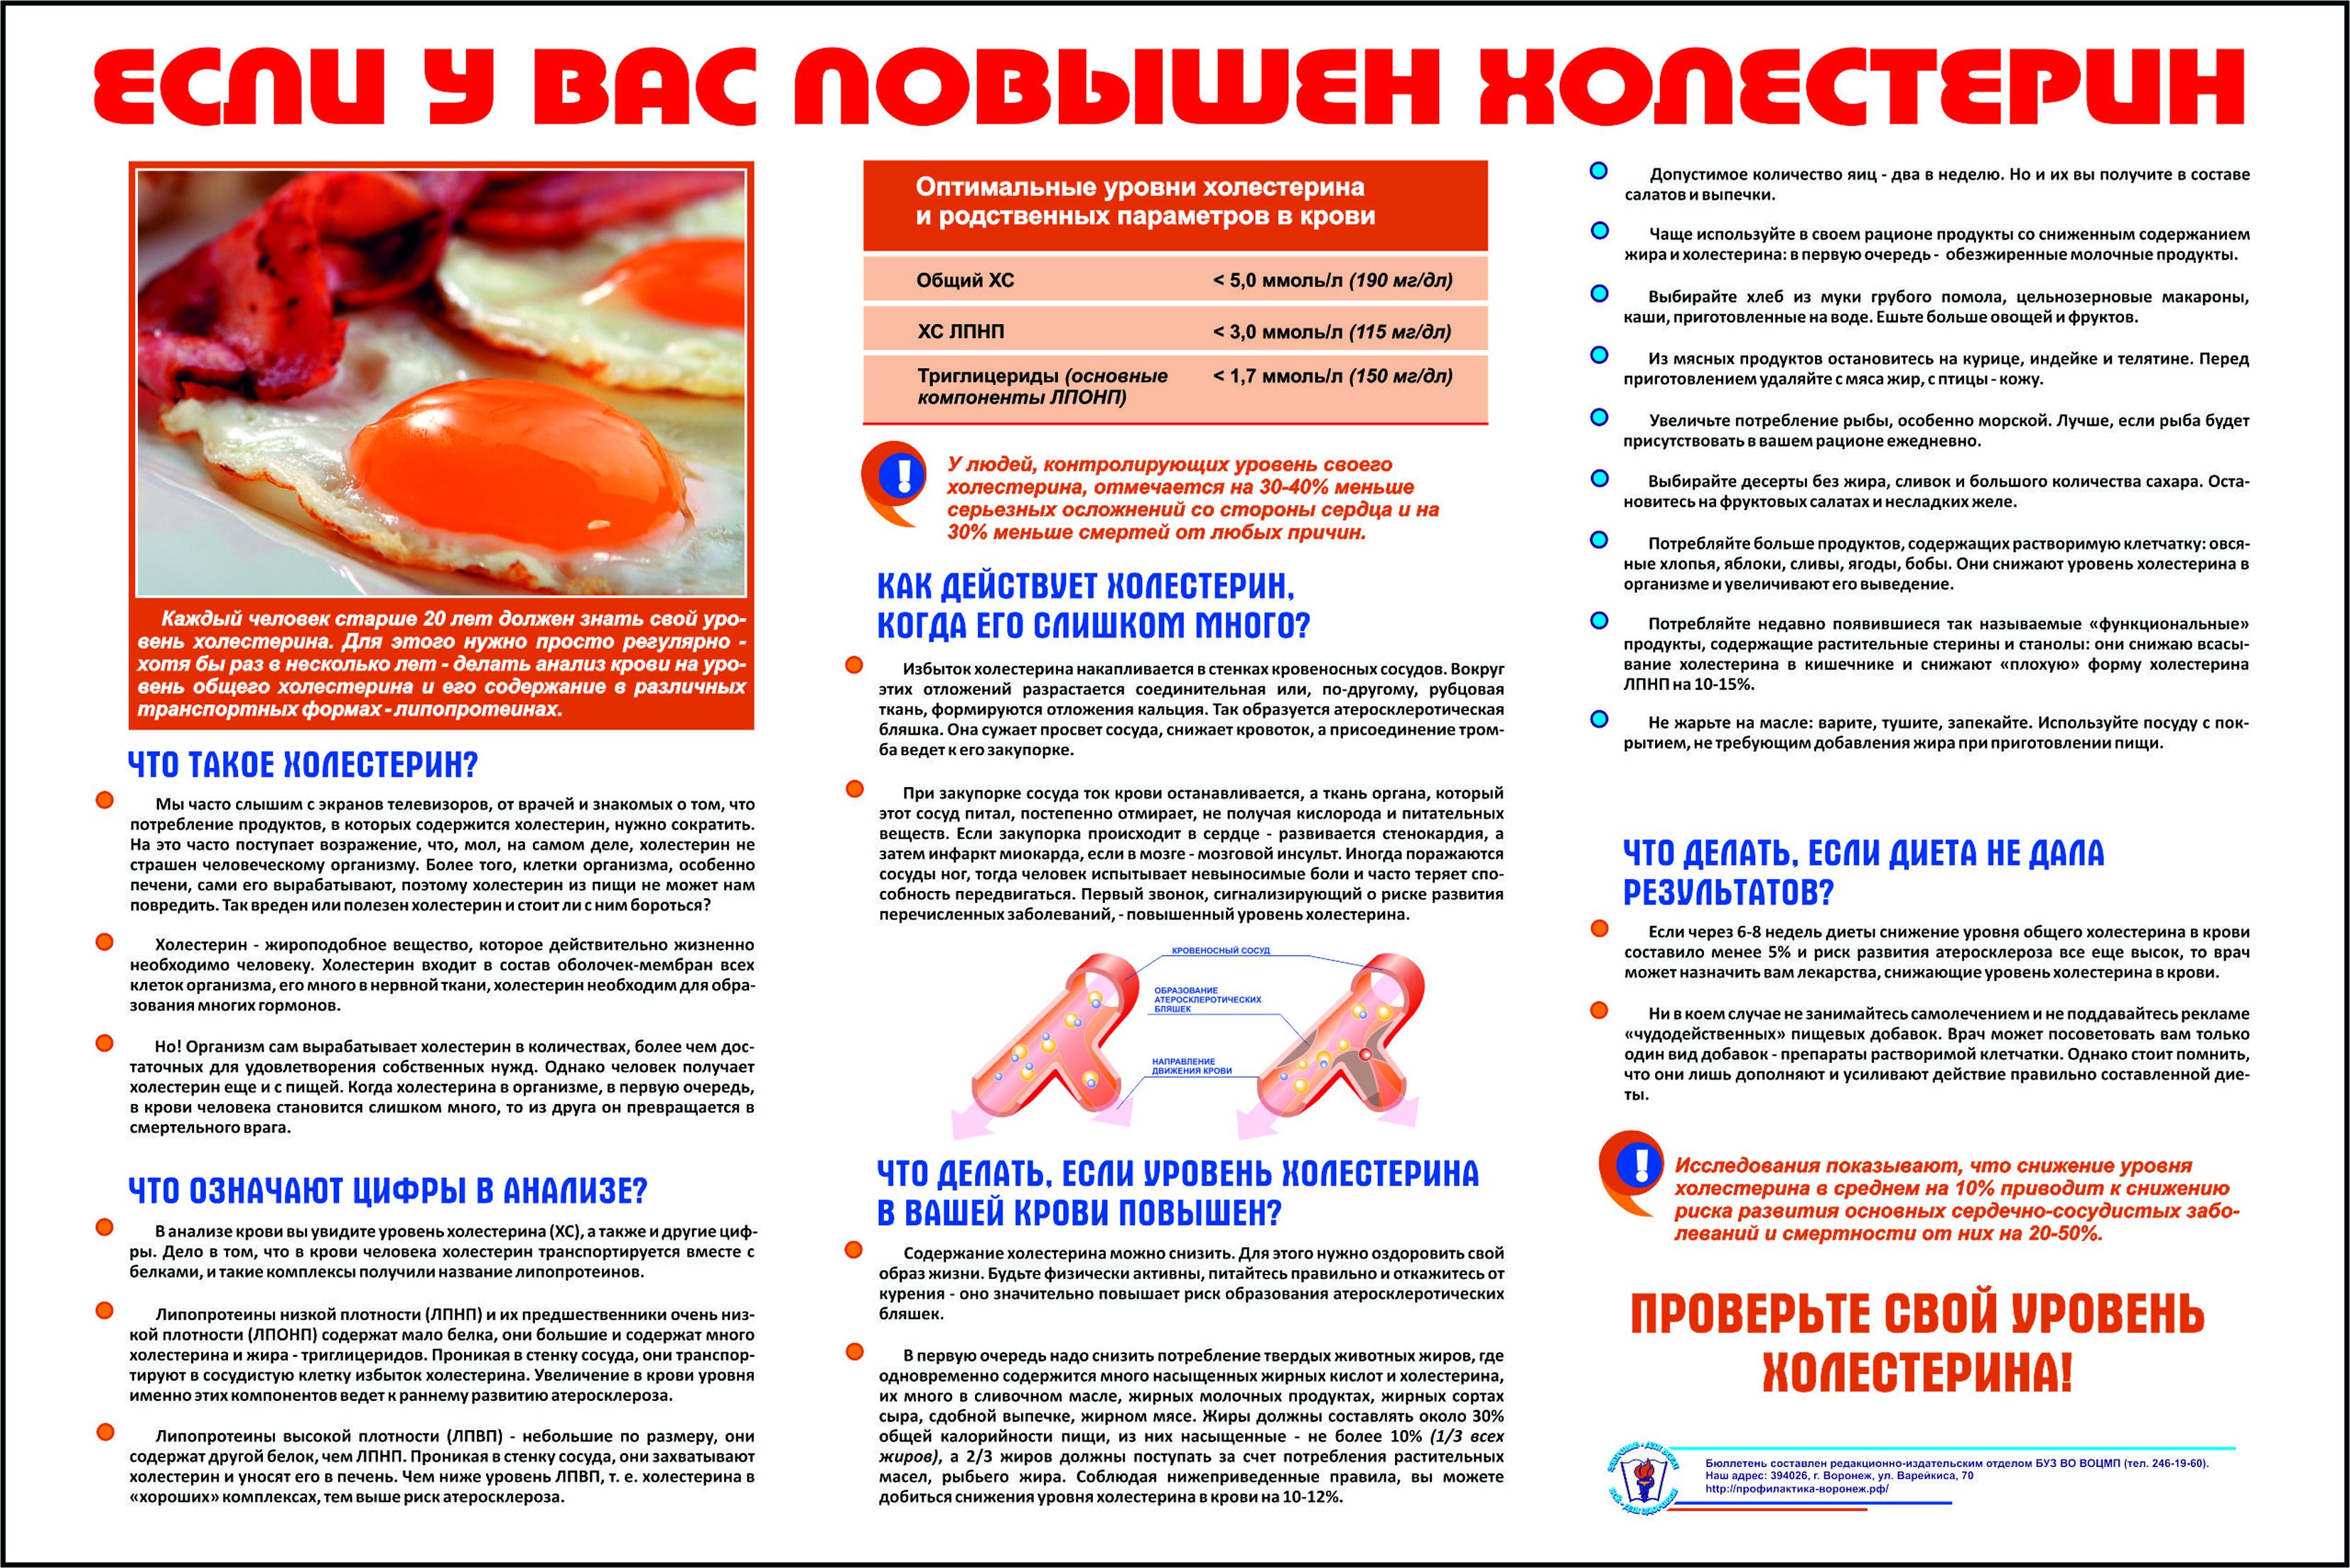 профилактика против паразитов у человека травами